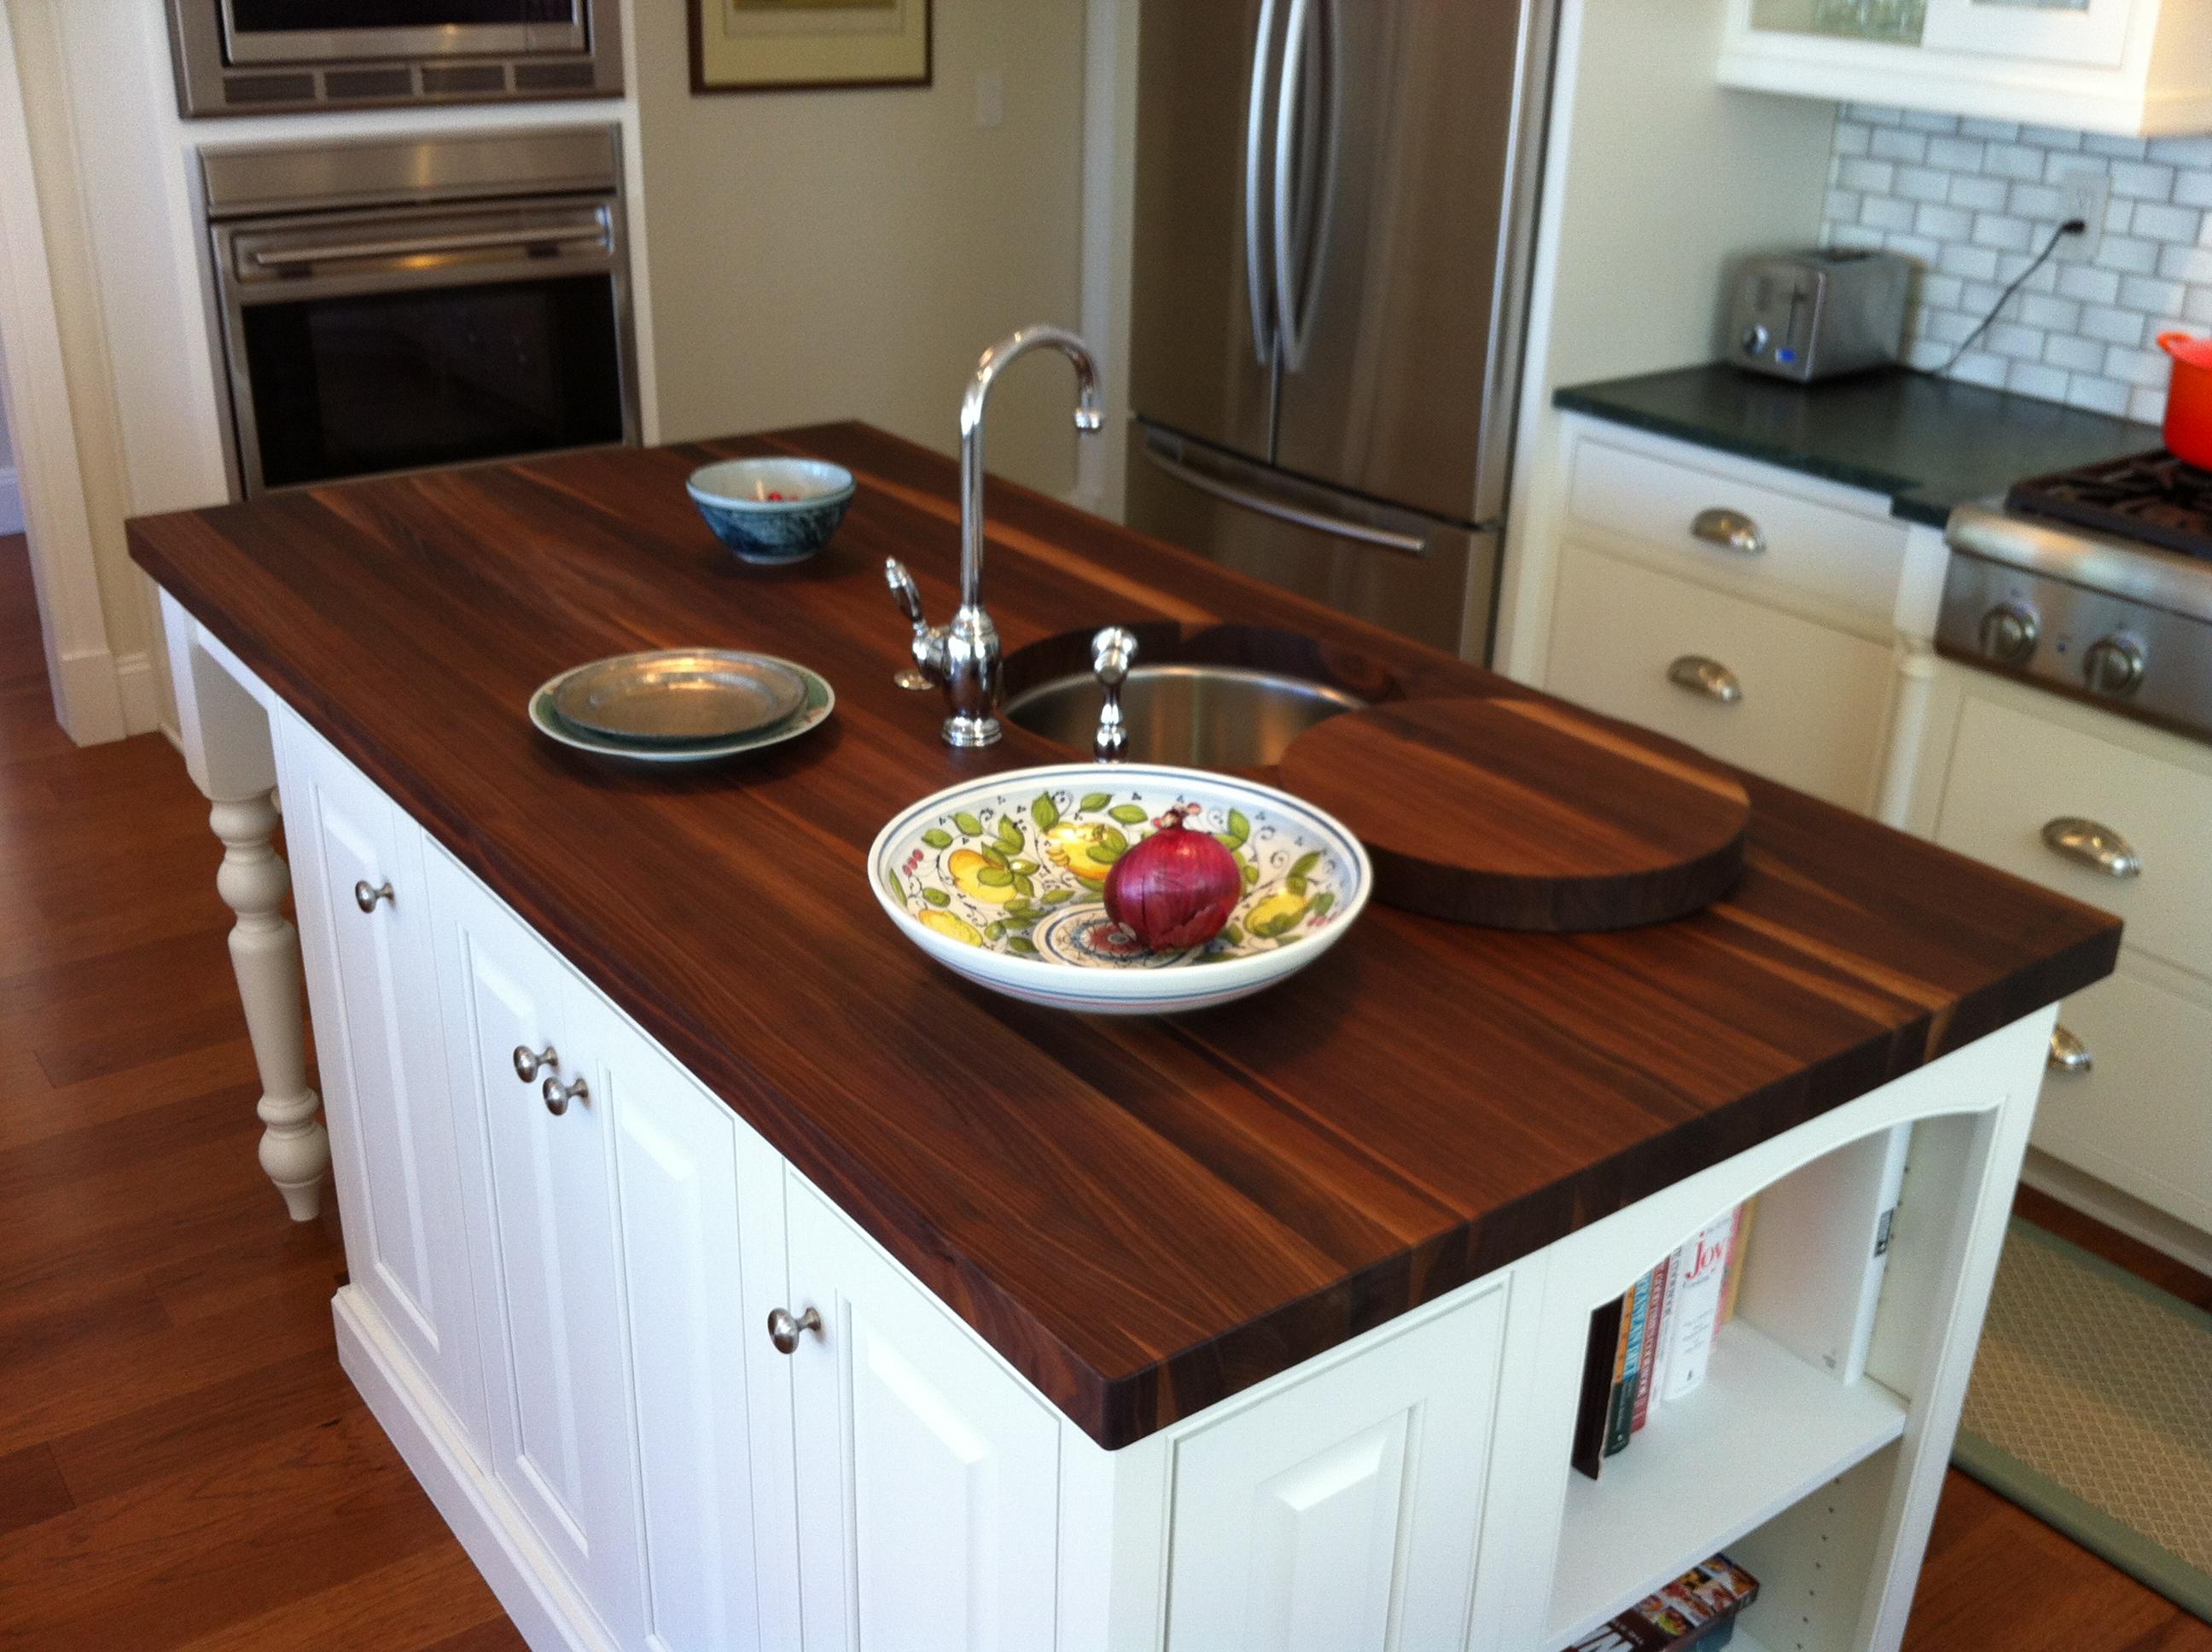 Деревянные кухонные столешницы. Кухонные острова с поверхностью из темного дерева - фото 3